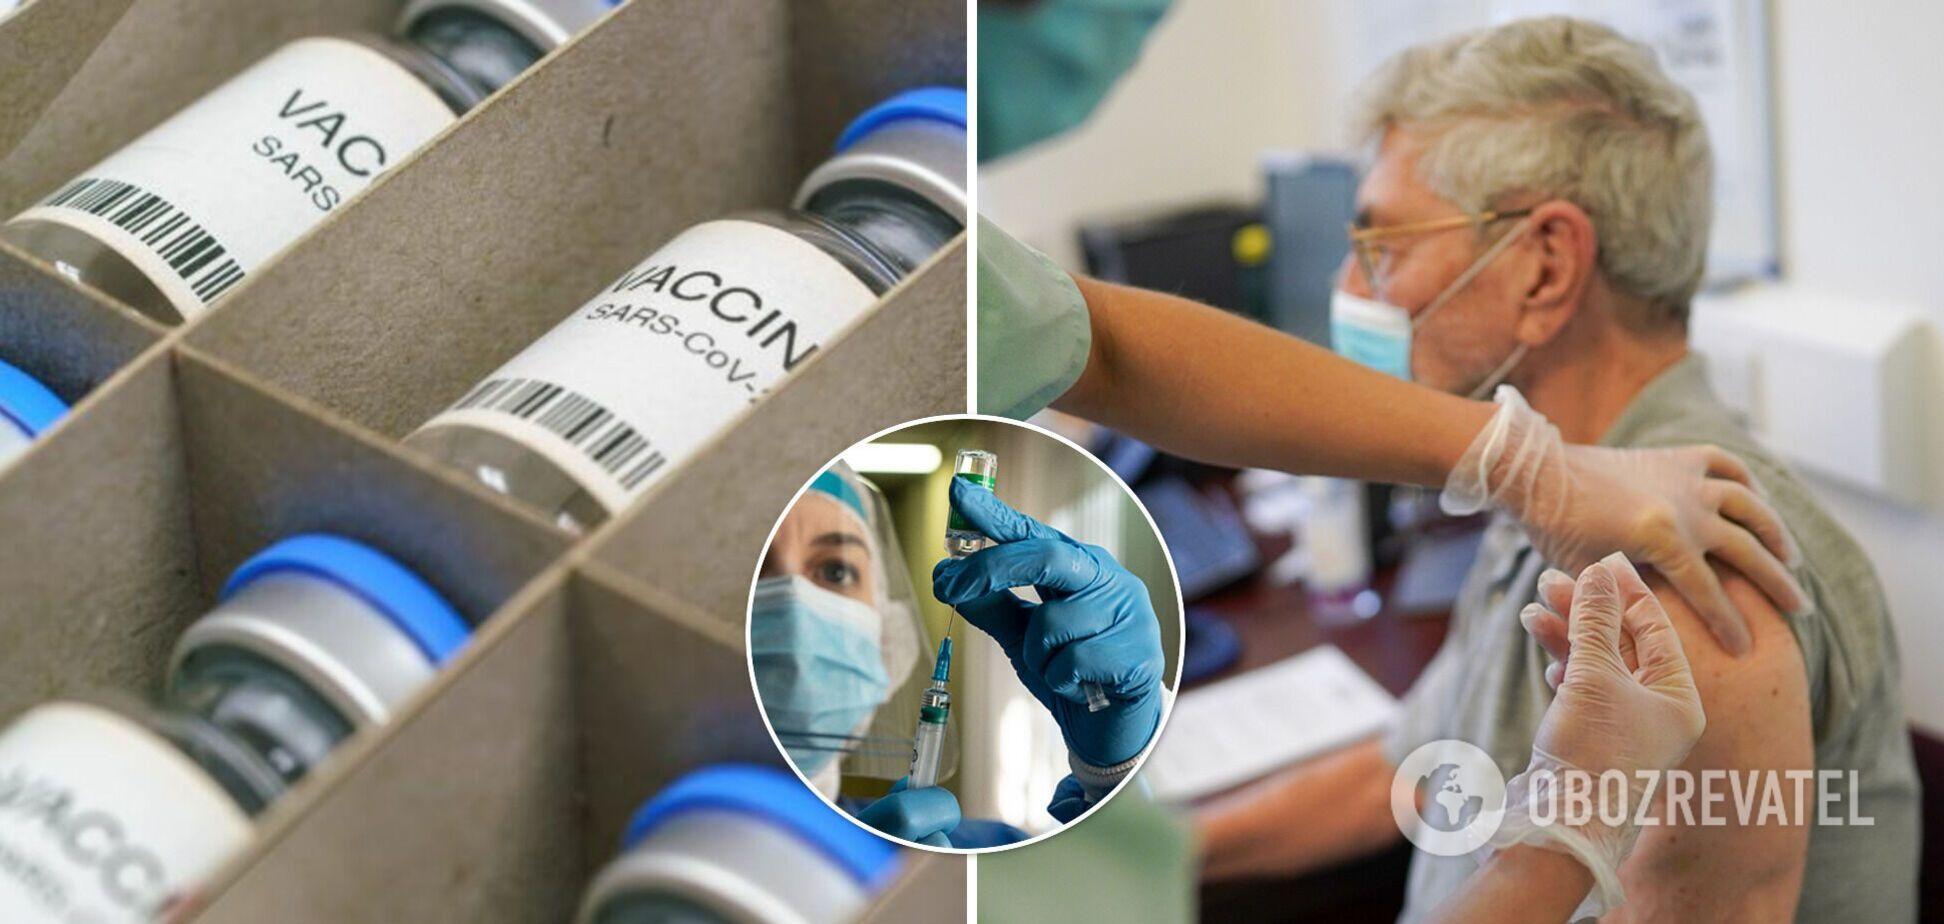 В Испании приступили к тестированию на людях собственной вакцины против COVID-19